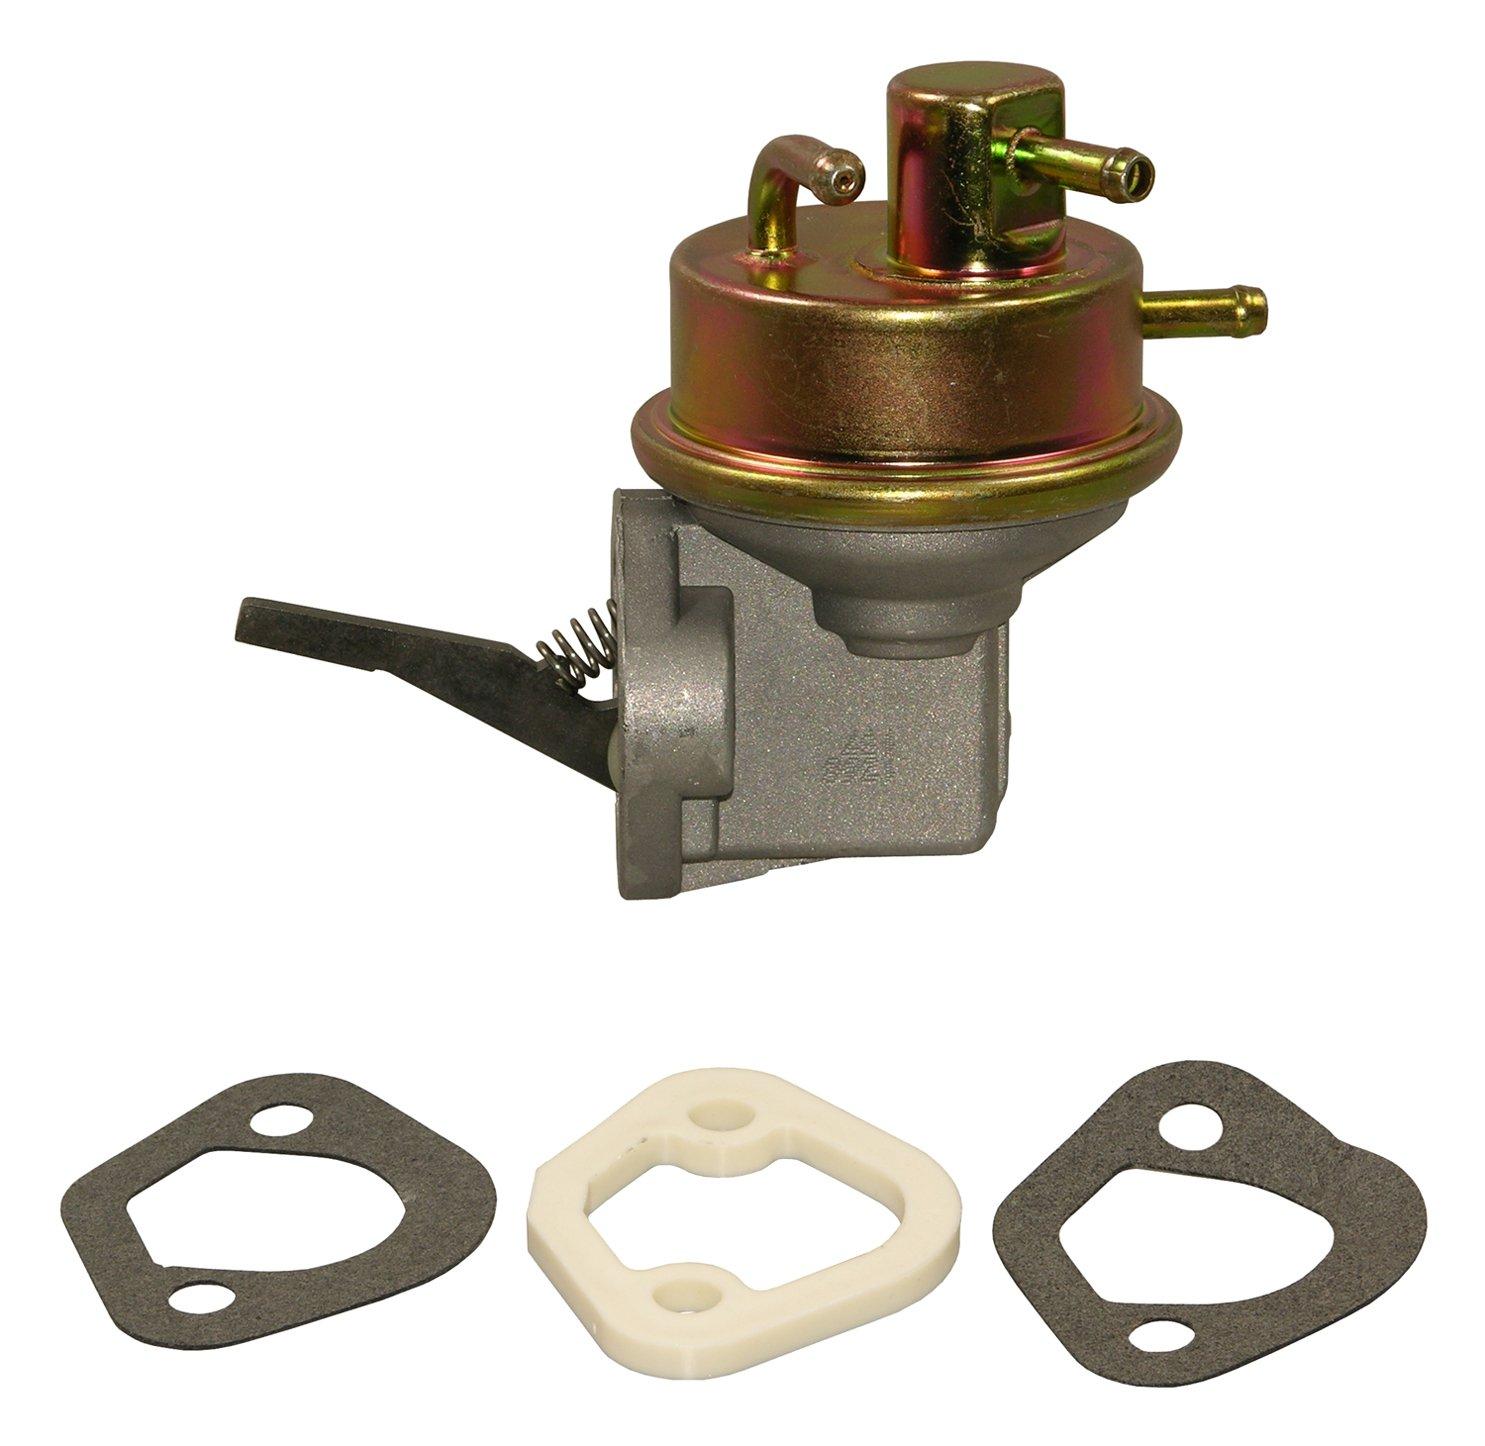 Airtex 1368 Mechanical Fuel Pump fuel pump module assembly airtex e8400m fits for isuzu rodeo sport amigo